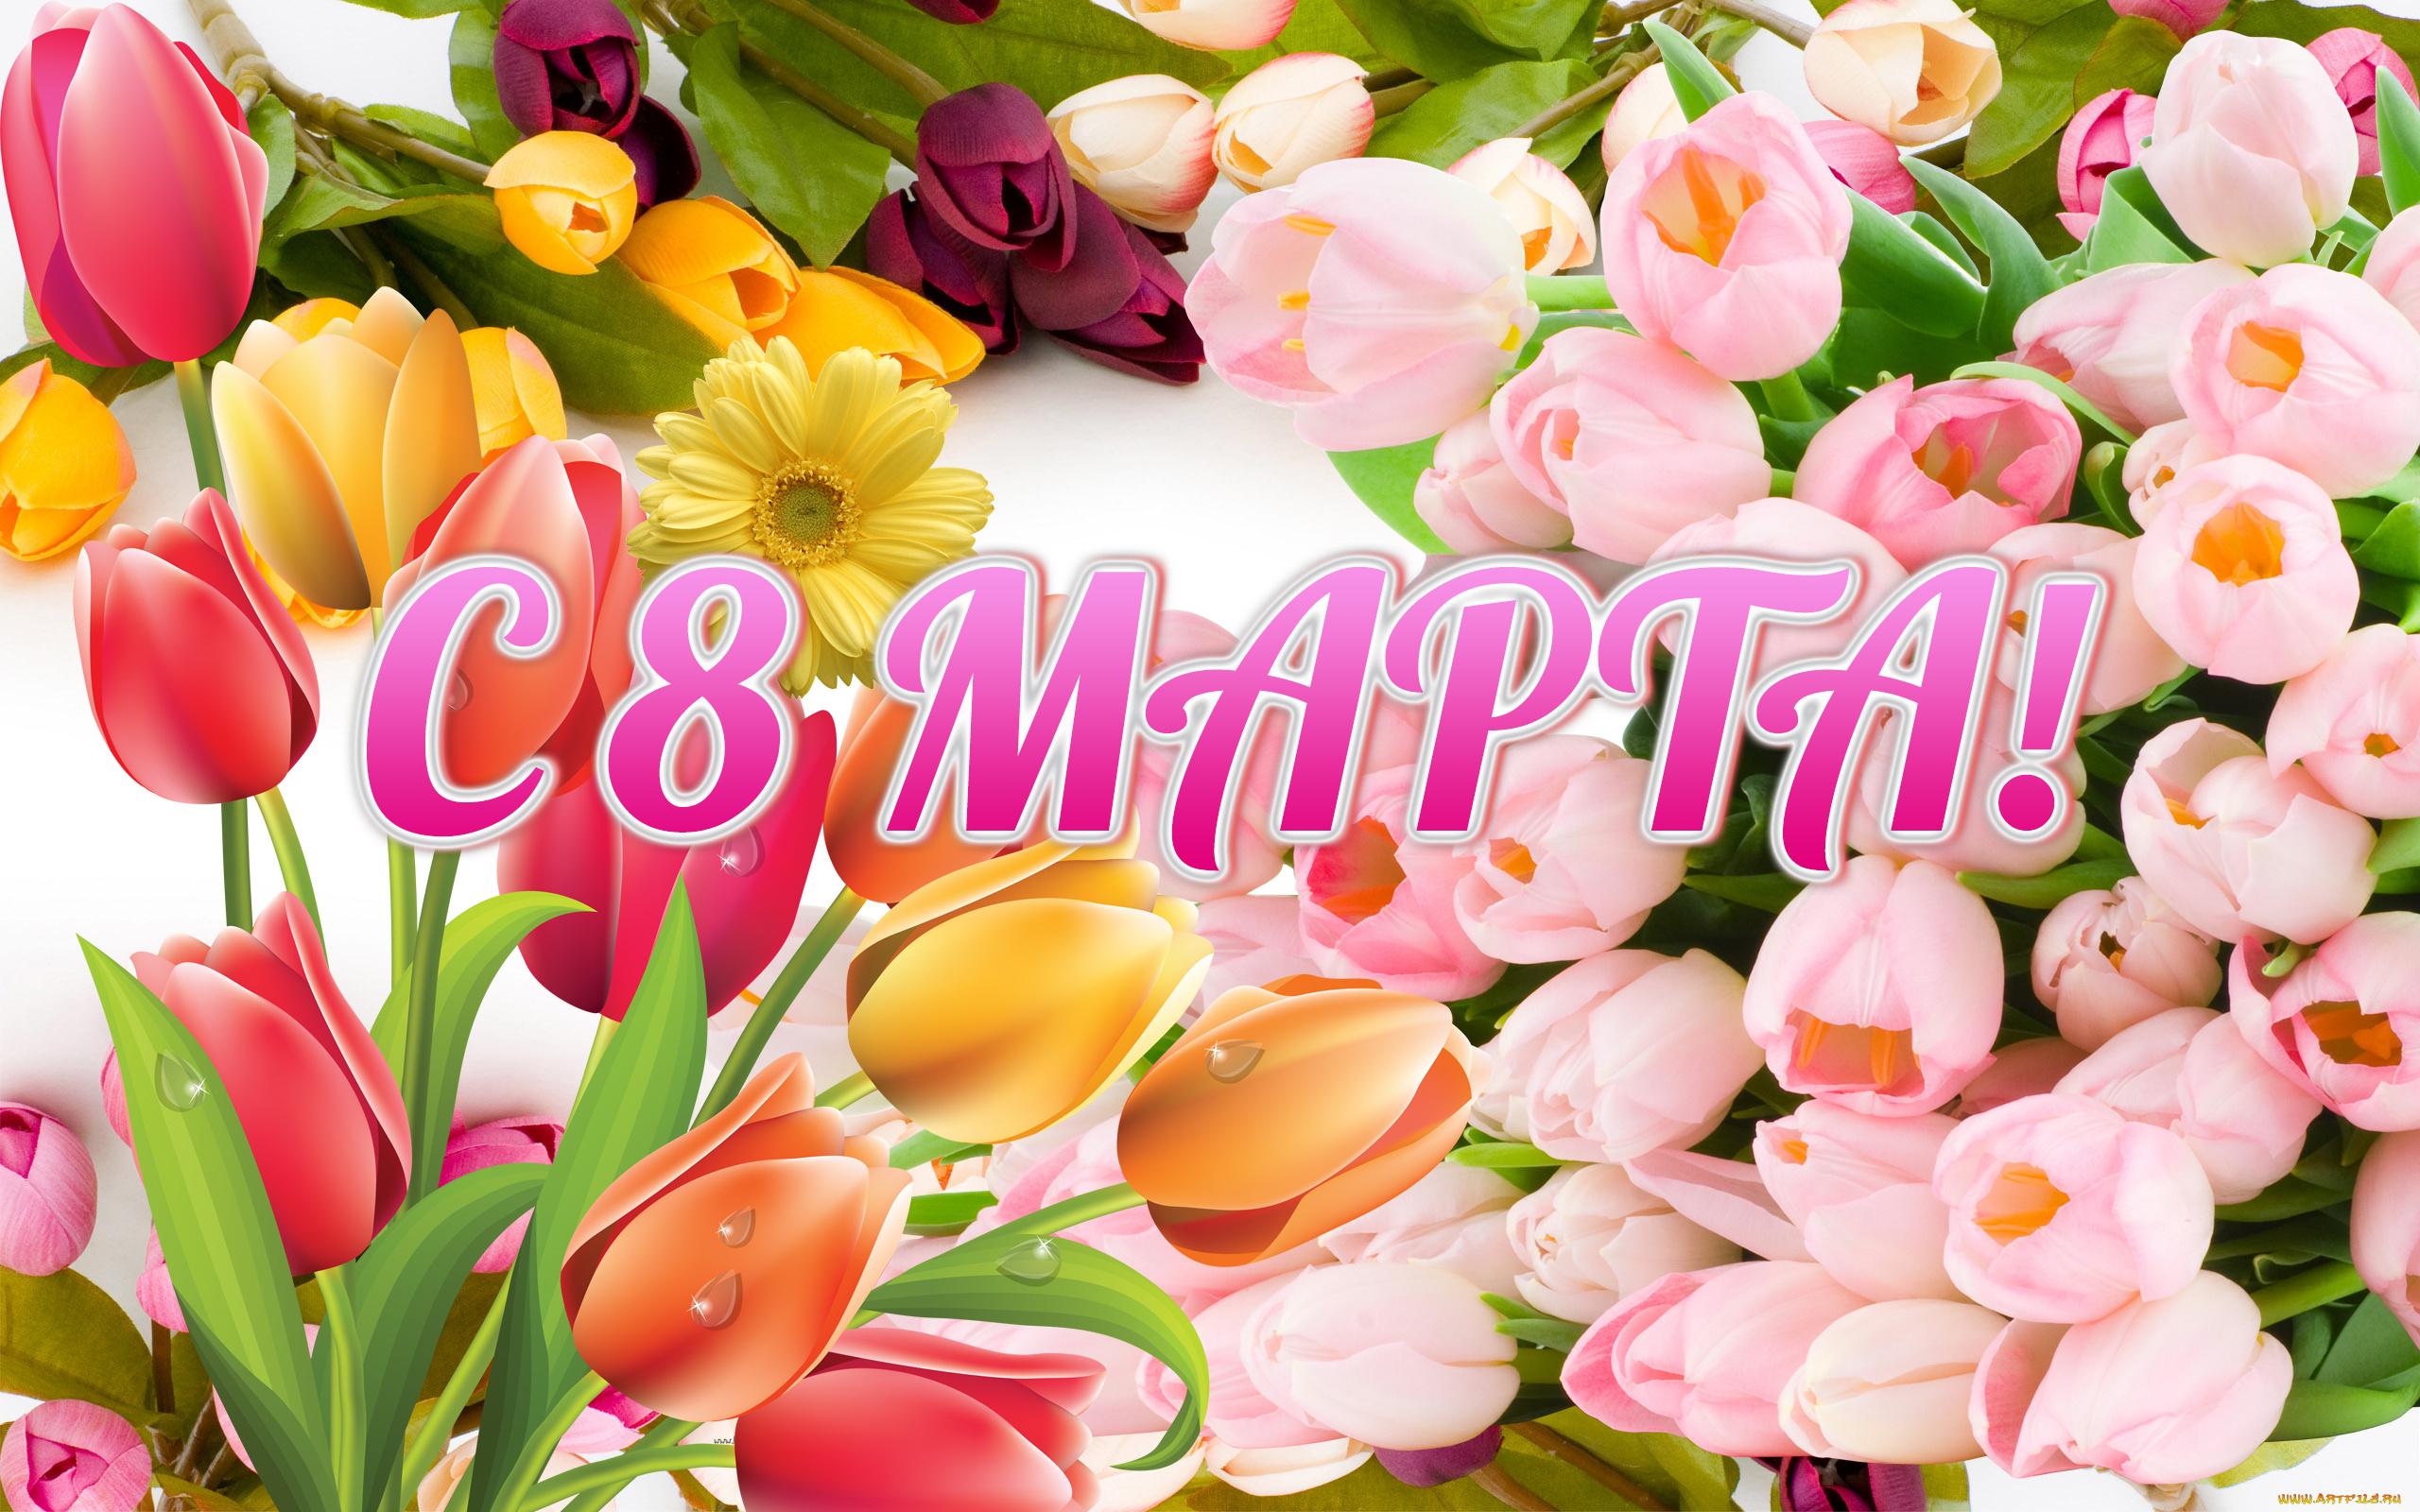 Поздравить женщину с 8 марта открыткой